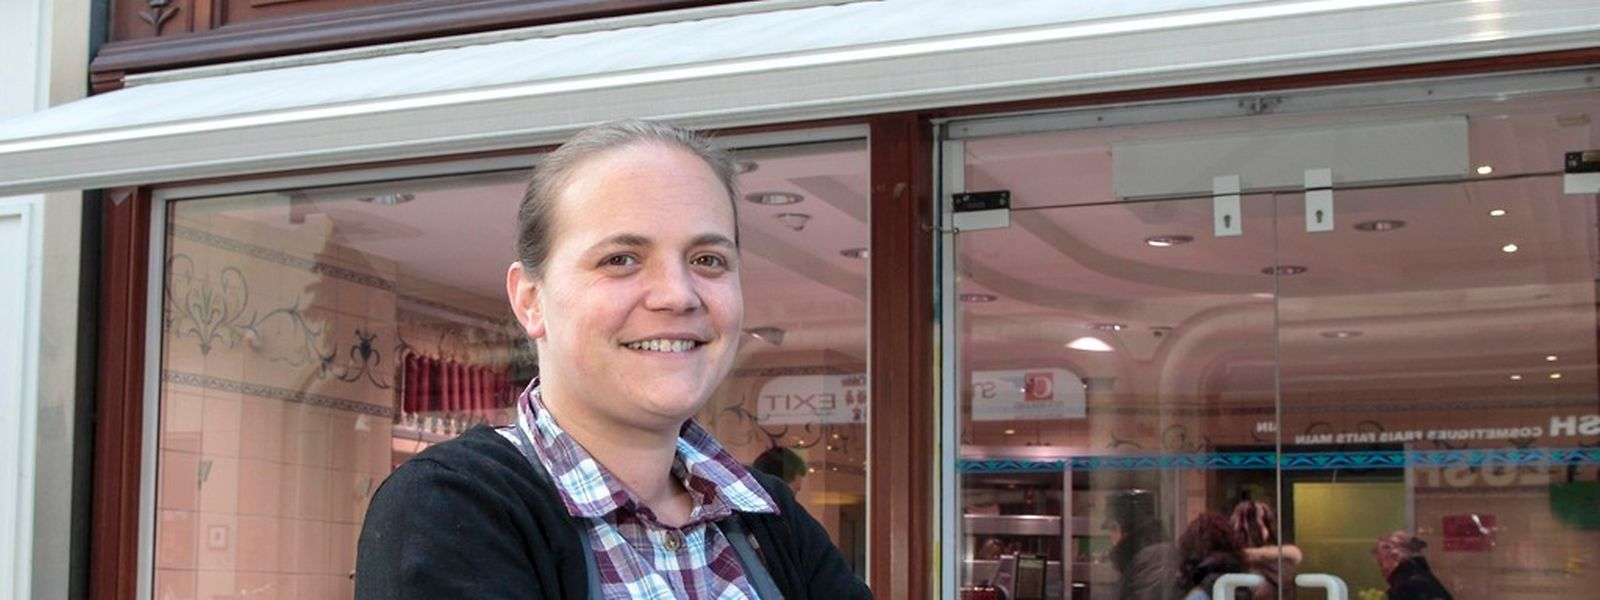 Energiegeladen und resolut: Anne Kaiffer ist glücklich über ihre Entscheidung, den Familienbetrieb übernommen zu haben.